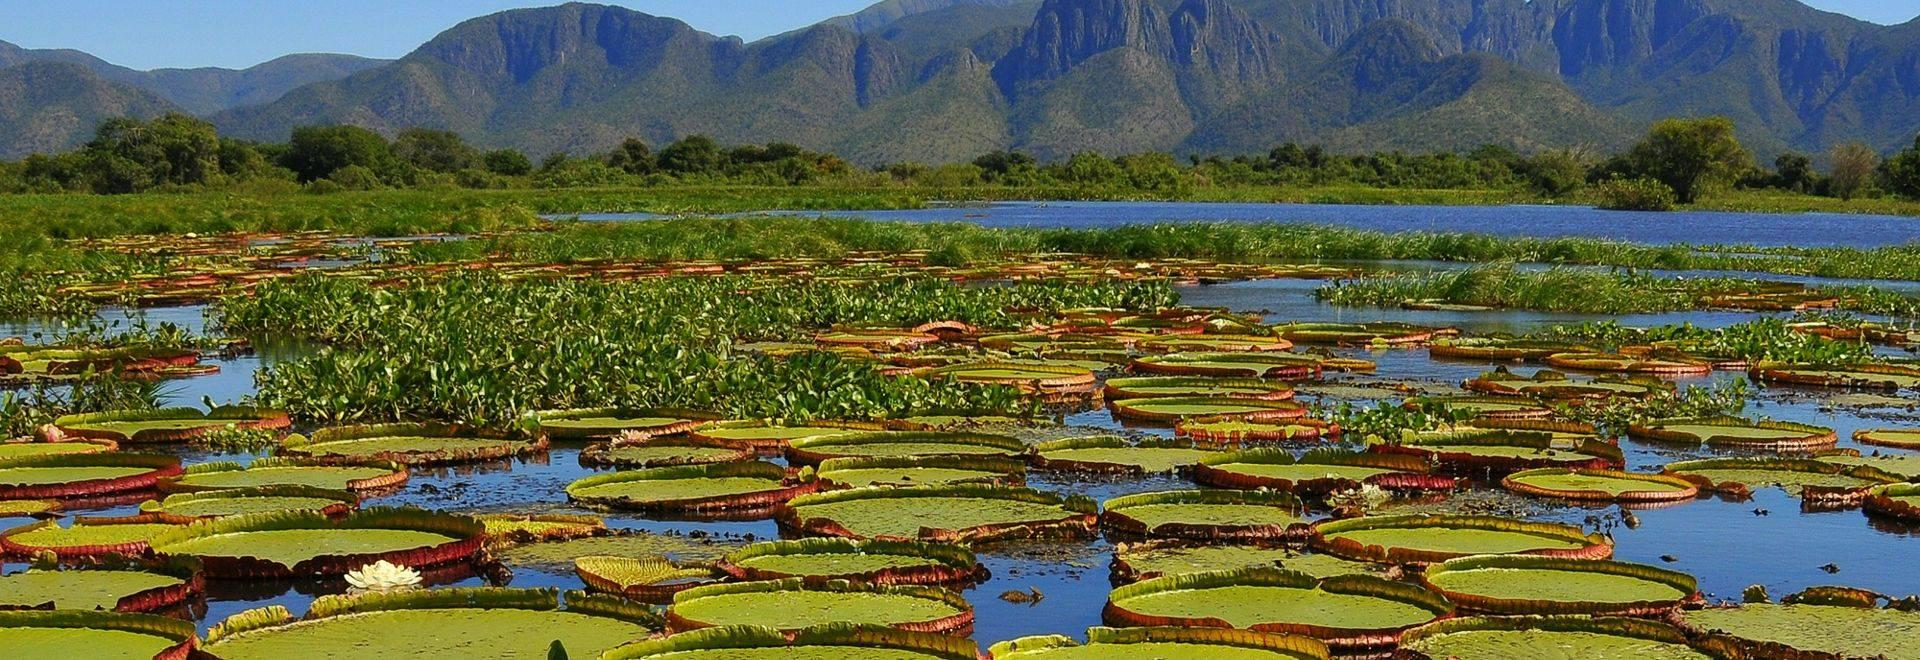 Giant Water Lilies, Pantanal National Park, Brazil Shutterstock 1115839766